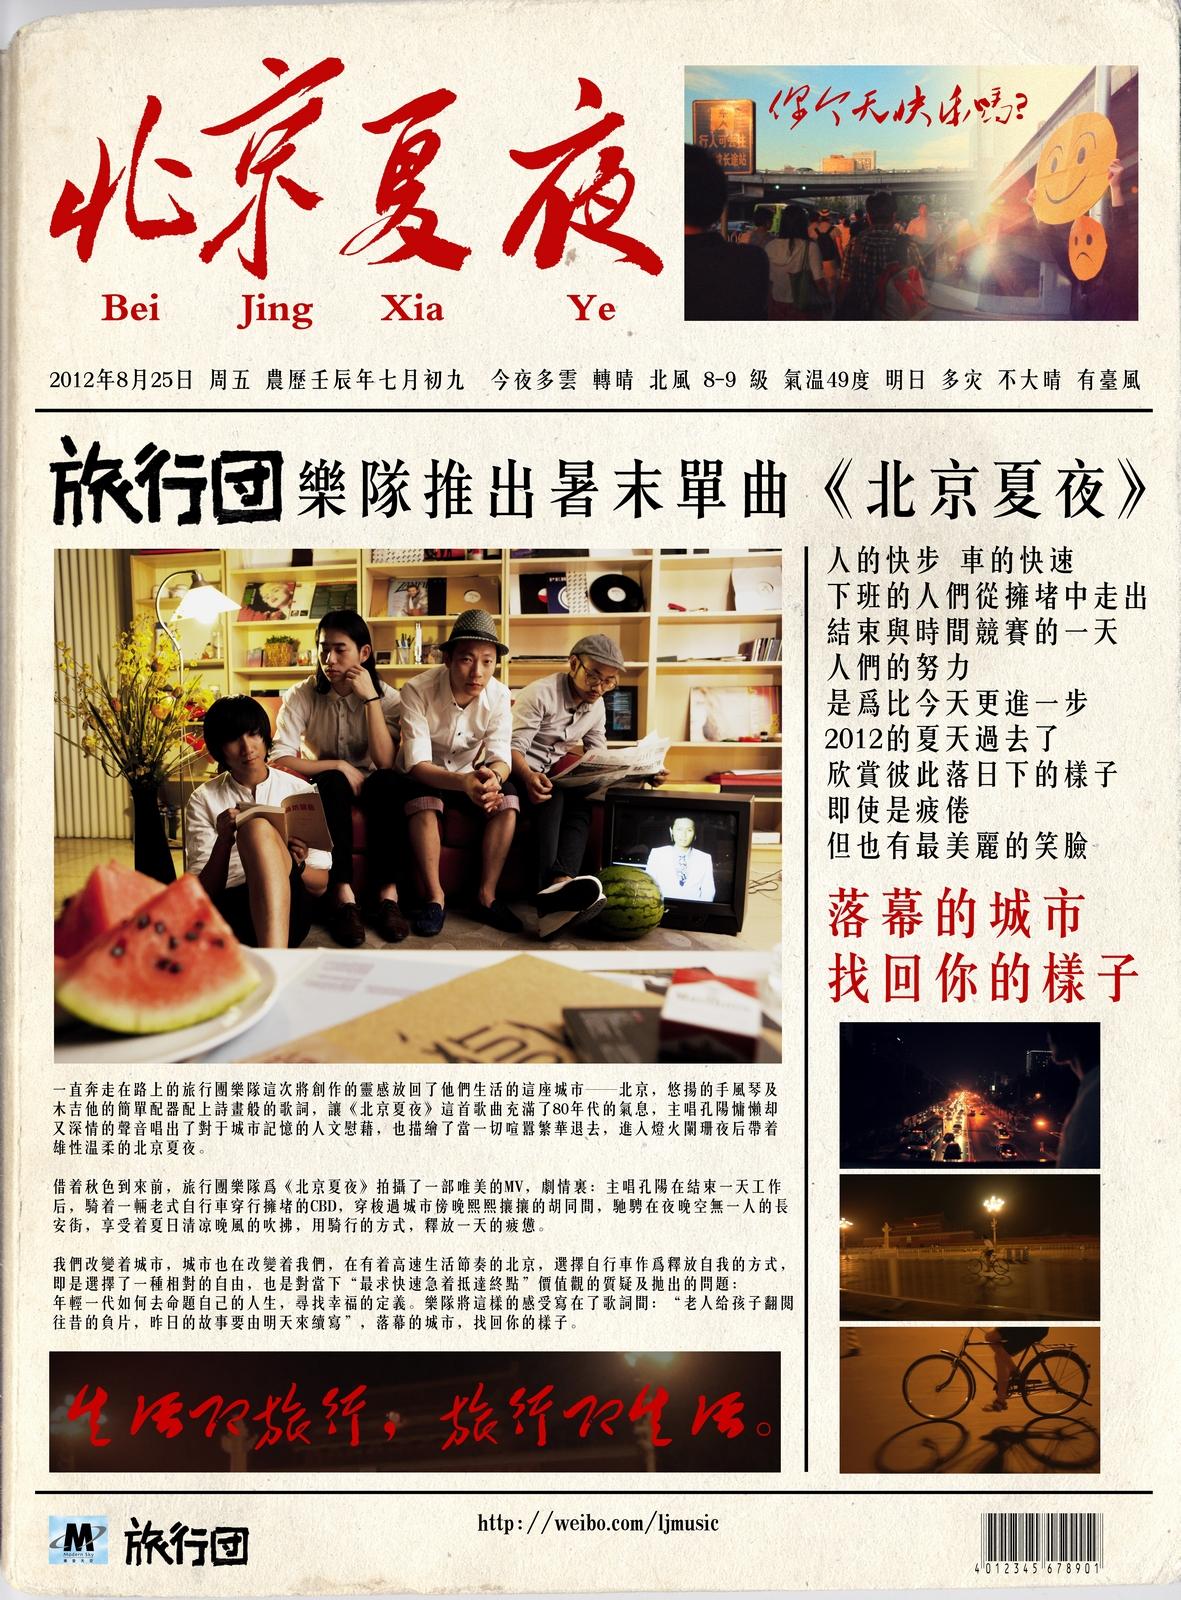 旅行团 - 北京夏夜_mp3bst.com